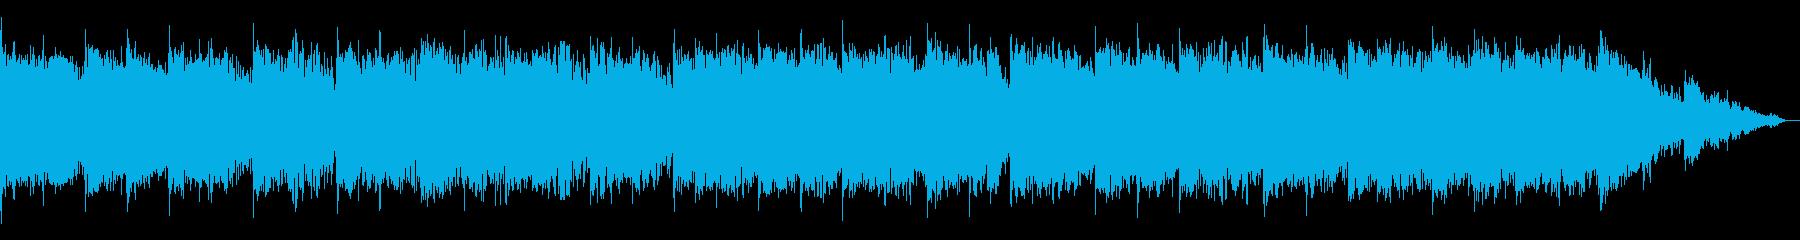 静かでキラキラしたシンセサイザーの再生済みの波形